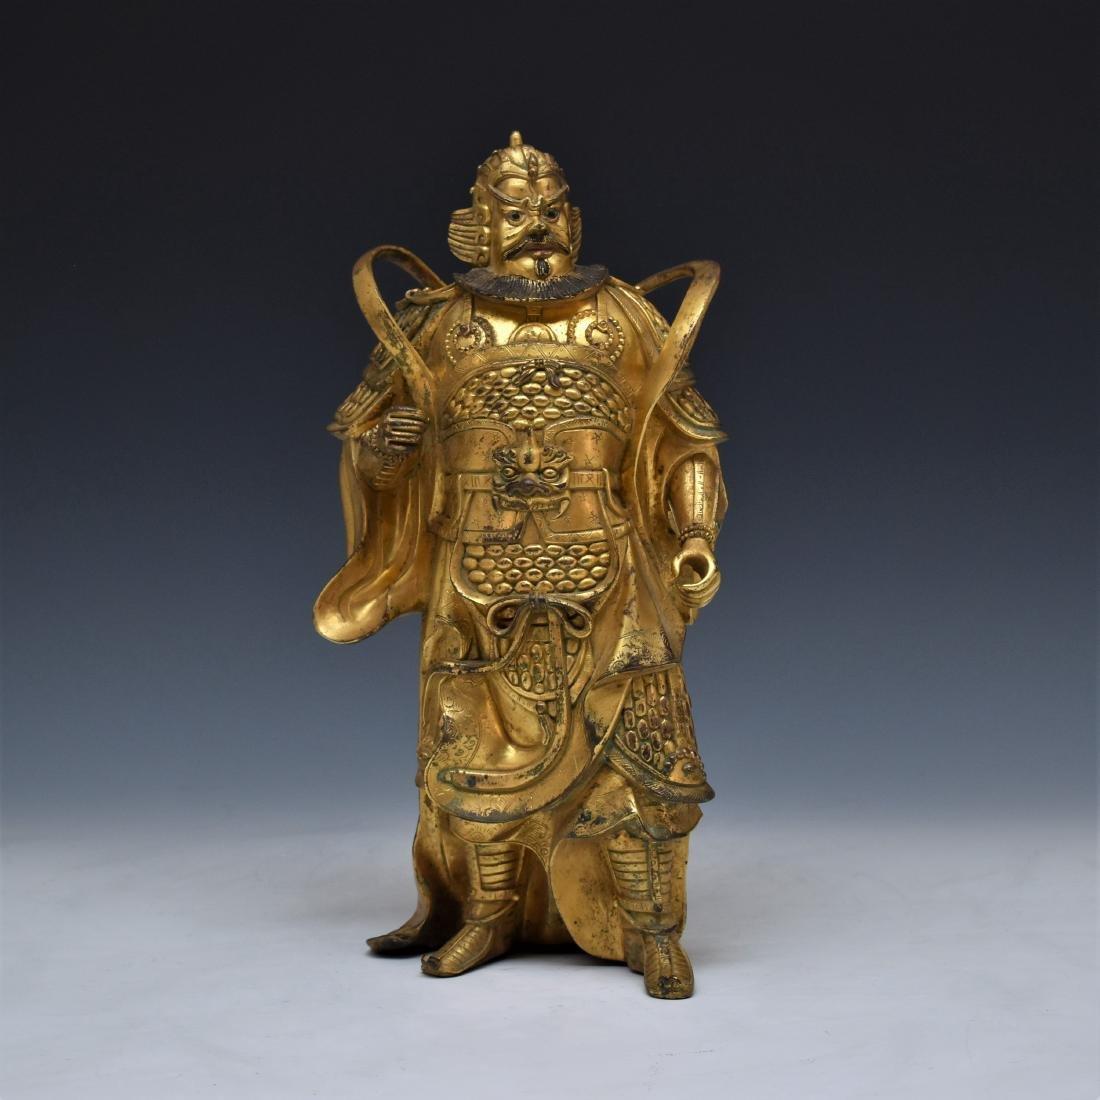 QING GILT BRONZE BHODISATTVA BUDDHA STANDING